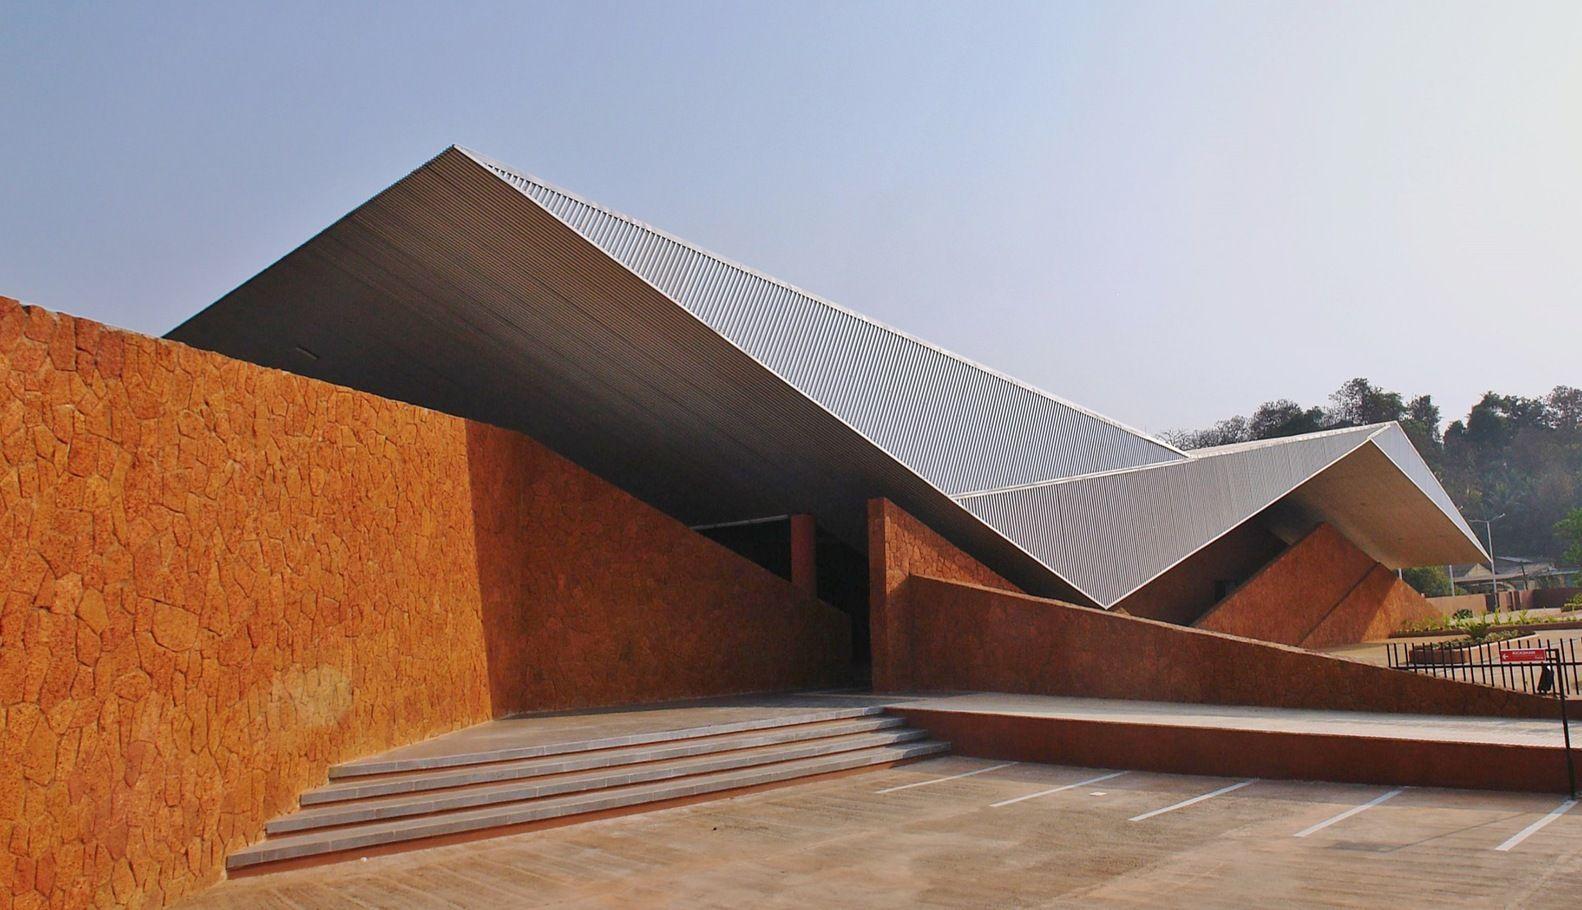 Galería de Parada de bus y salón comunitario Valpoi / Rahul Deshpande and Associates - 1